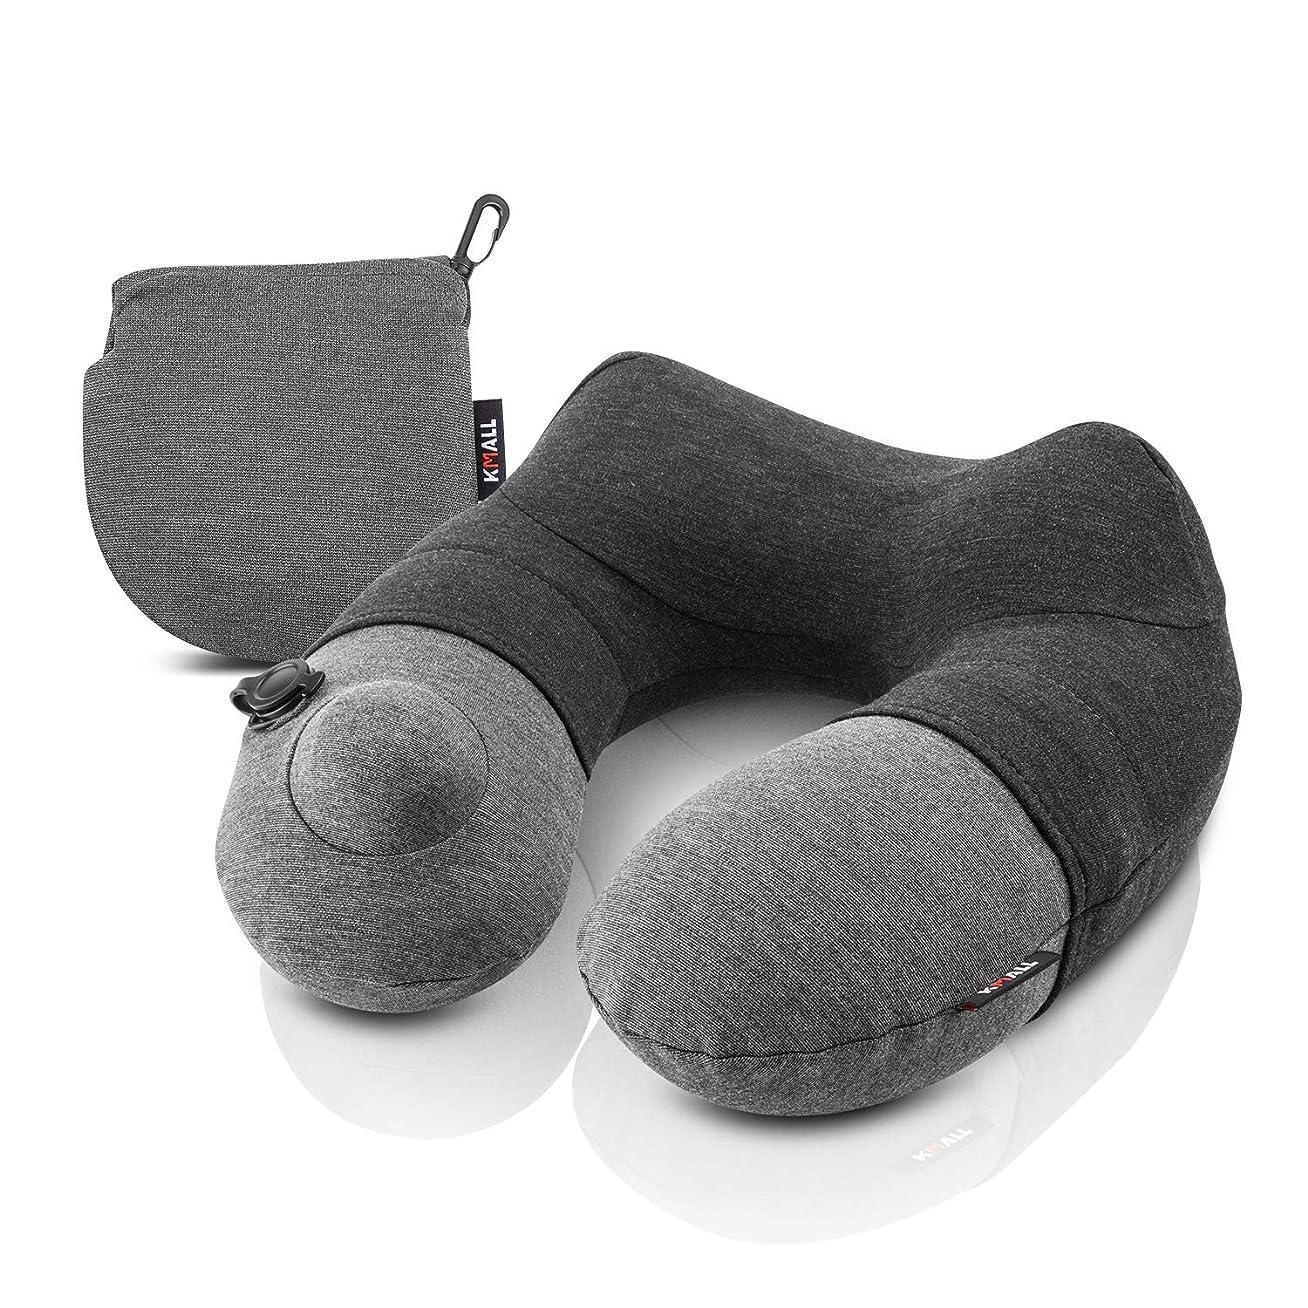 冷淡なためにドロップネックピロー Kmall 枕 旅行用便利グッズ トラベル 飛行機用 空気枕 プレス式 洗えるカバー 良い肌触り 収納可 (グレー)